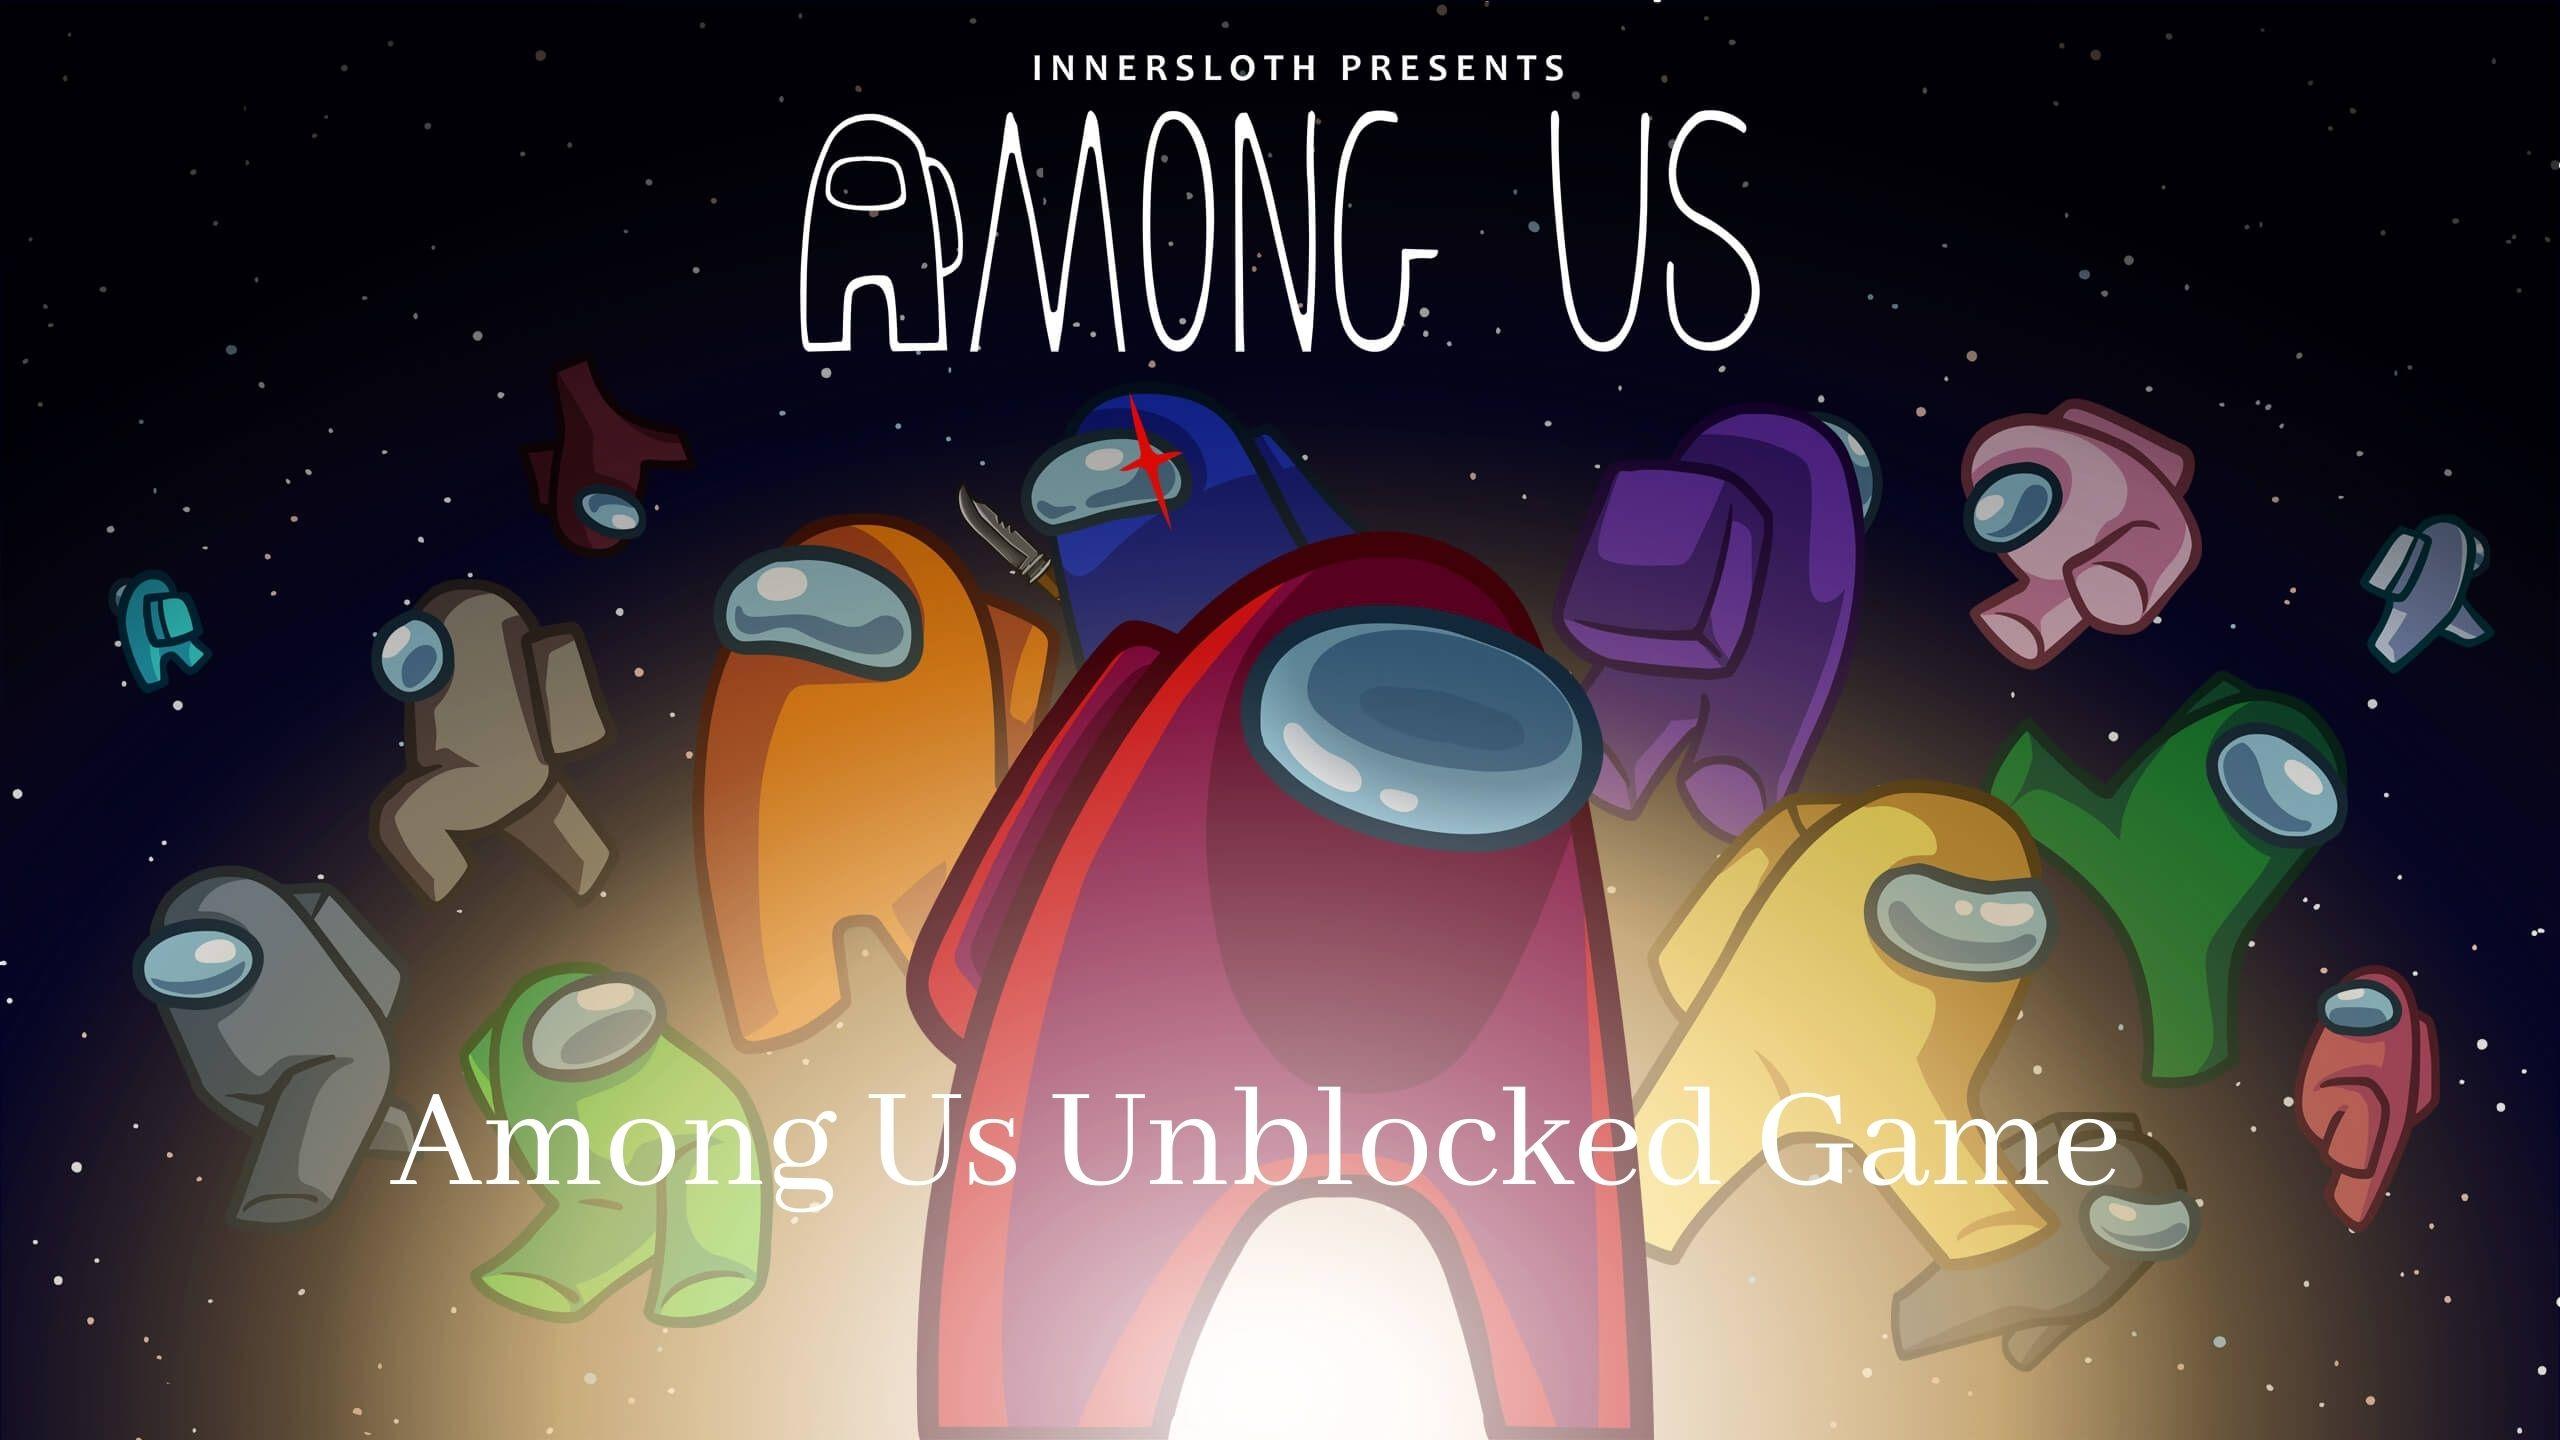 Among Us Unblocked